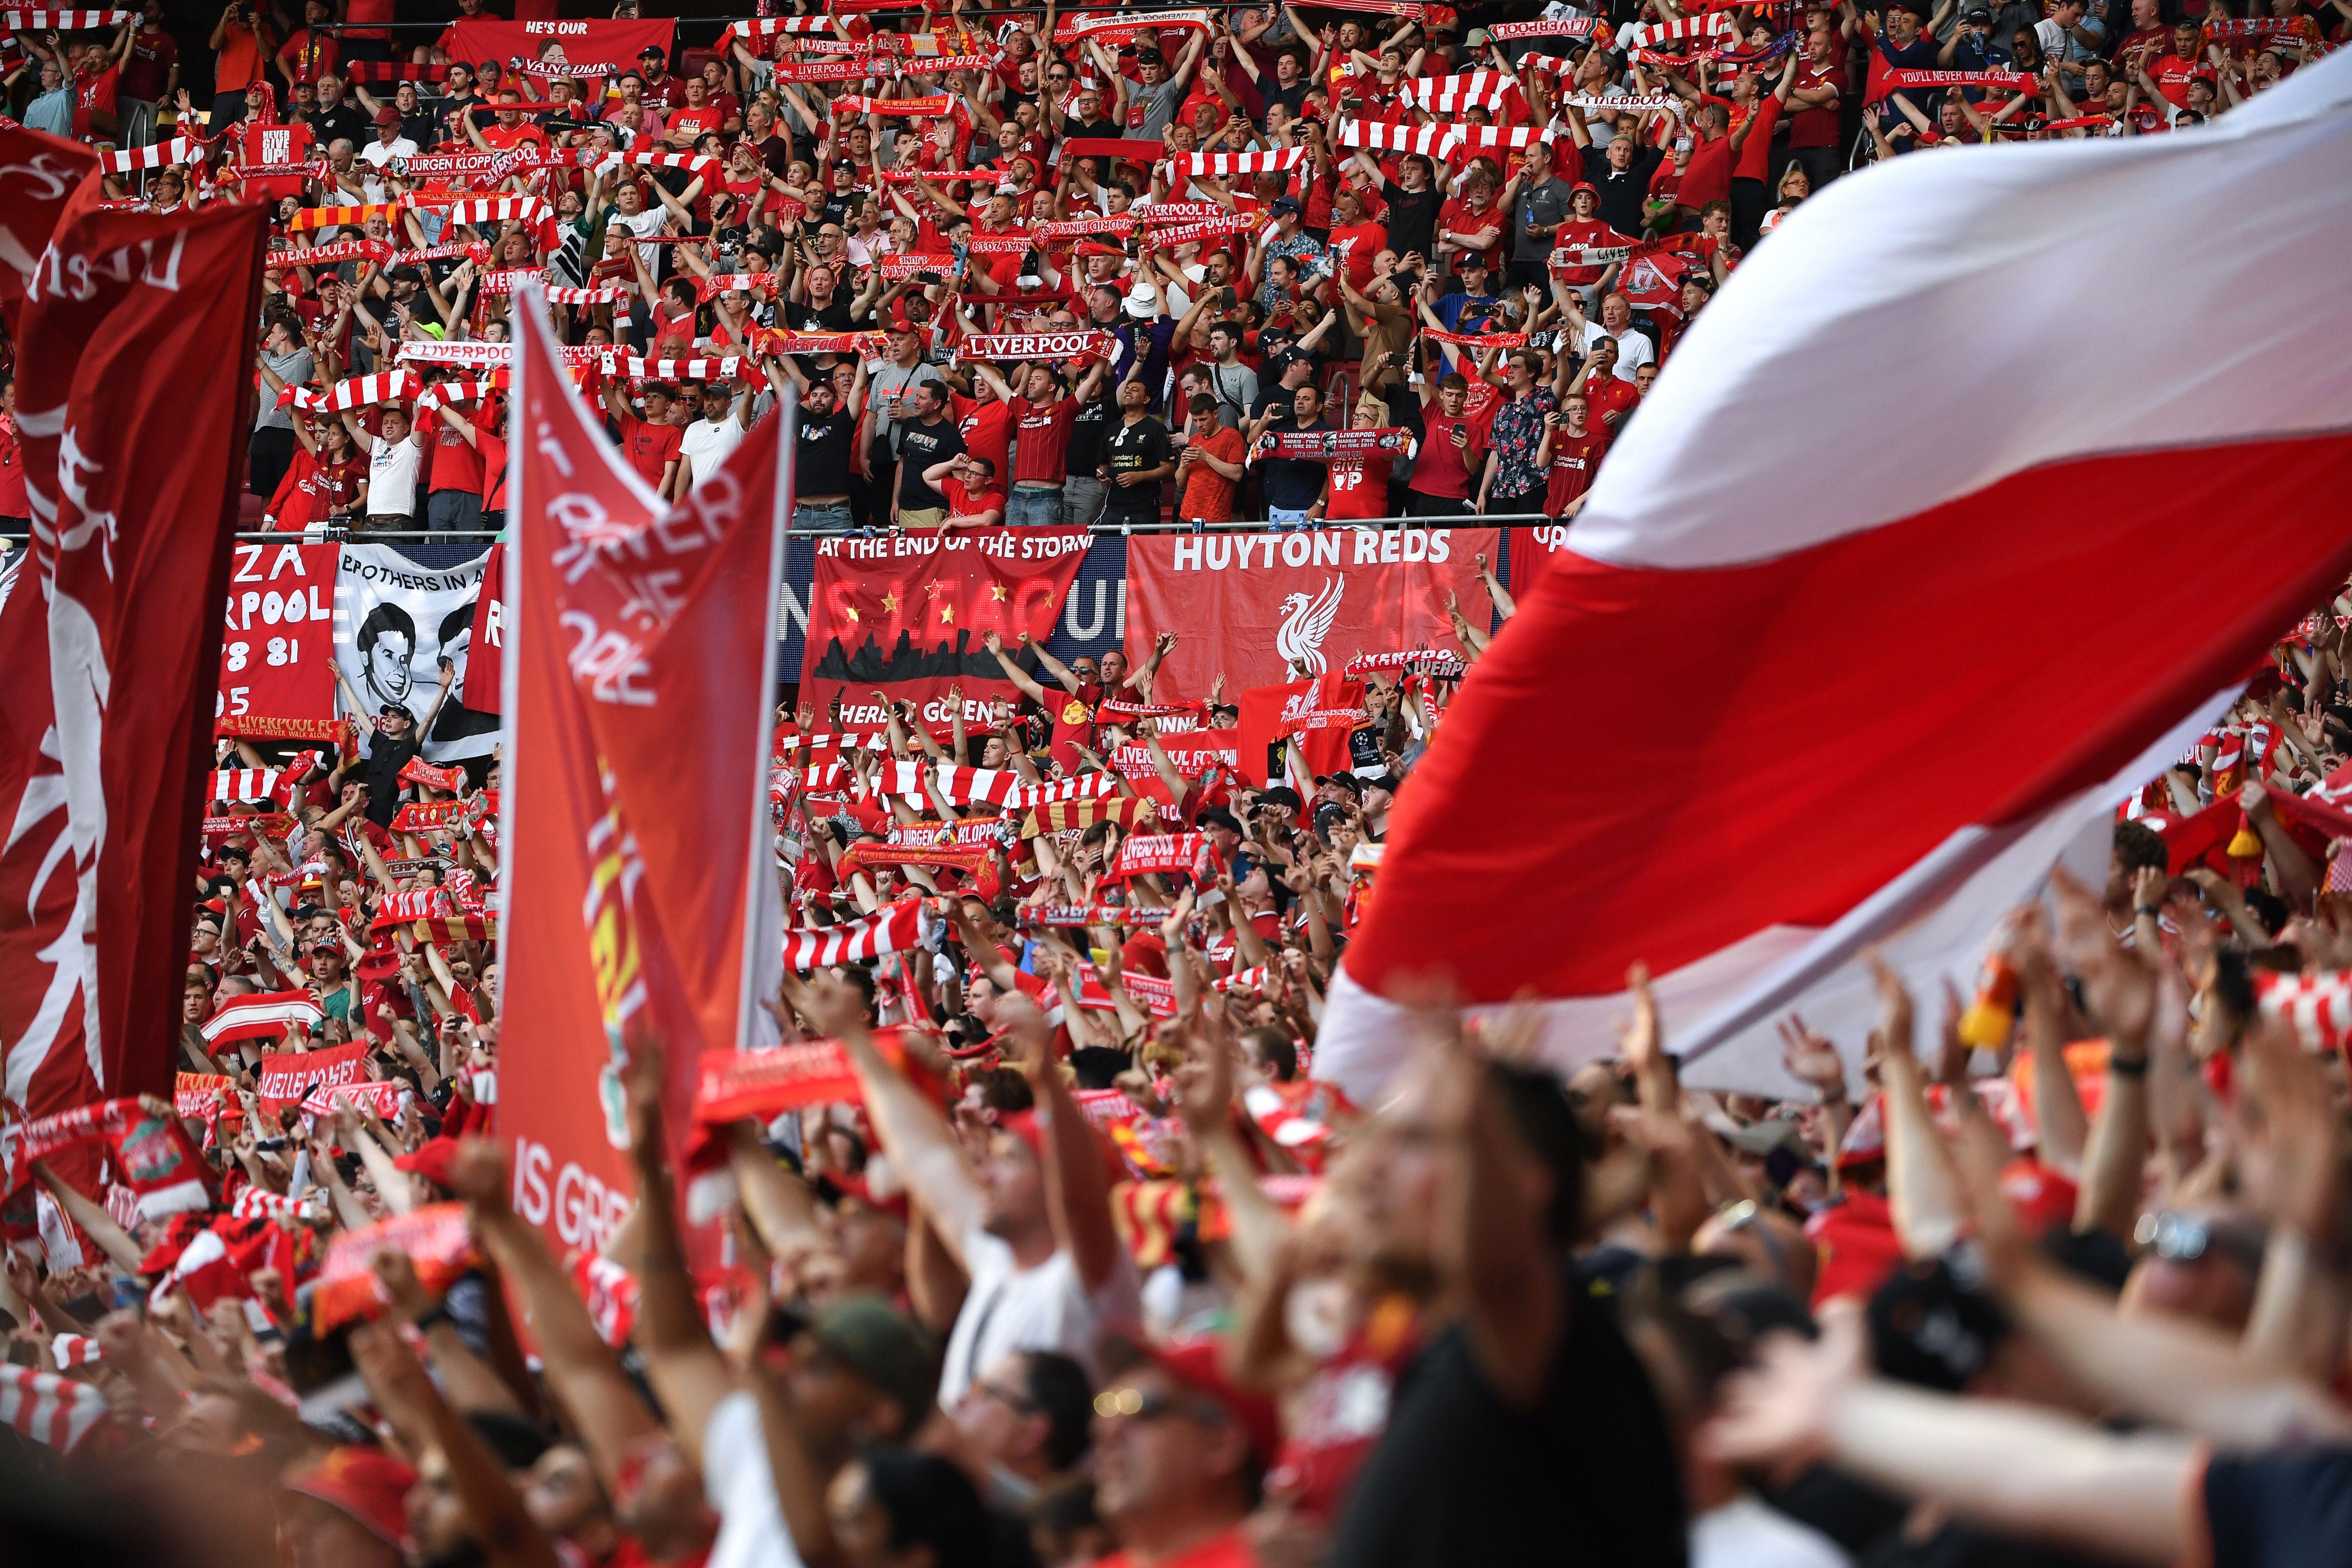 Liverpool fans - Champions League final